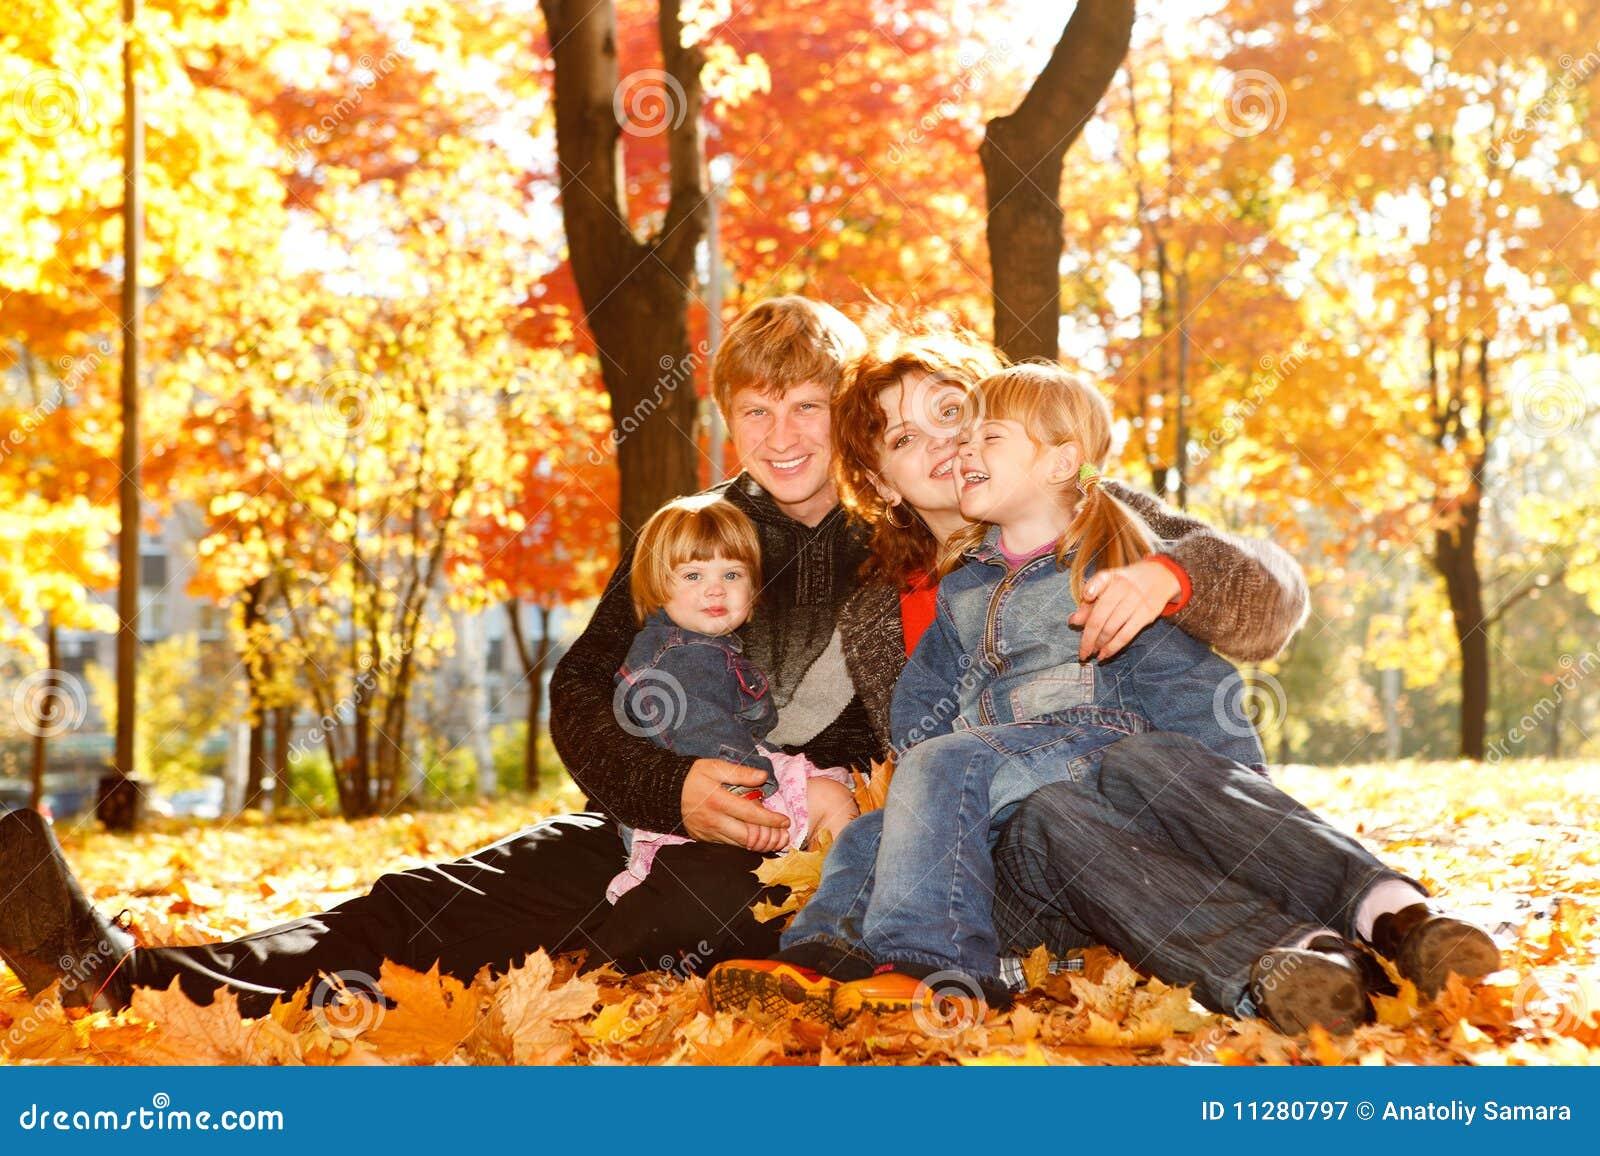 Фото семья с ребенком осень